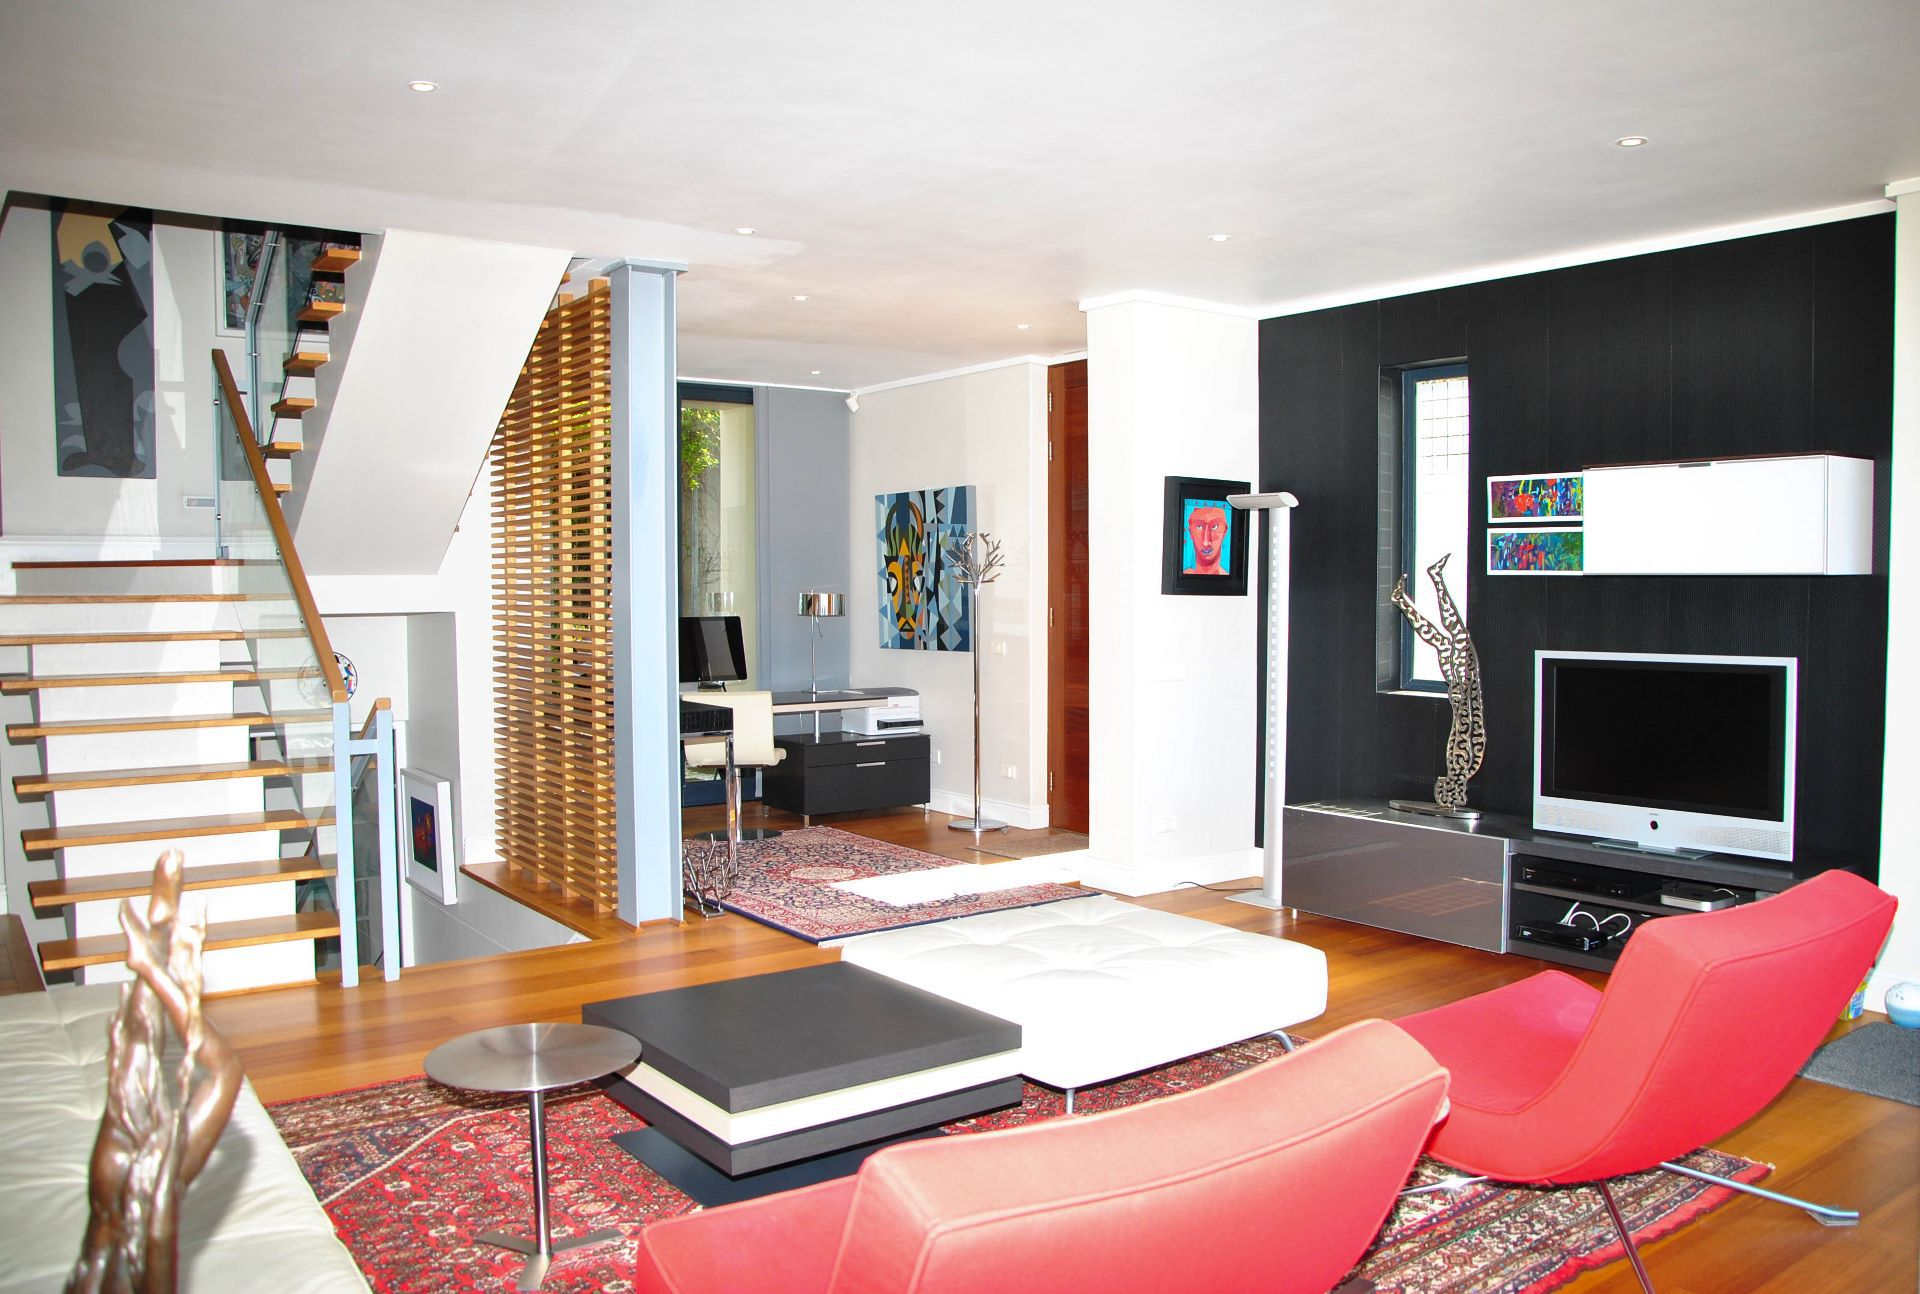 Apartment For Sale In Kalk Bay 3 Bedroom 13548997 7 9 Cyberprop